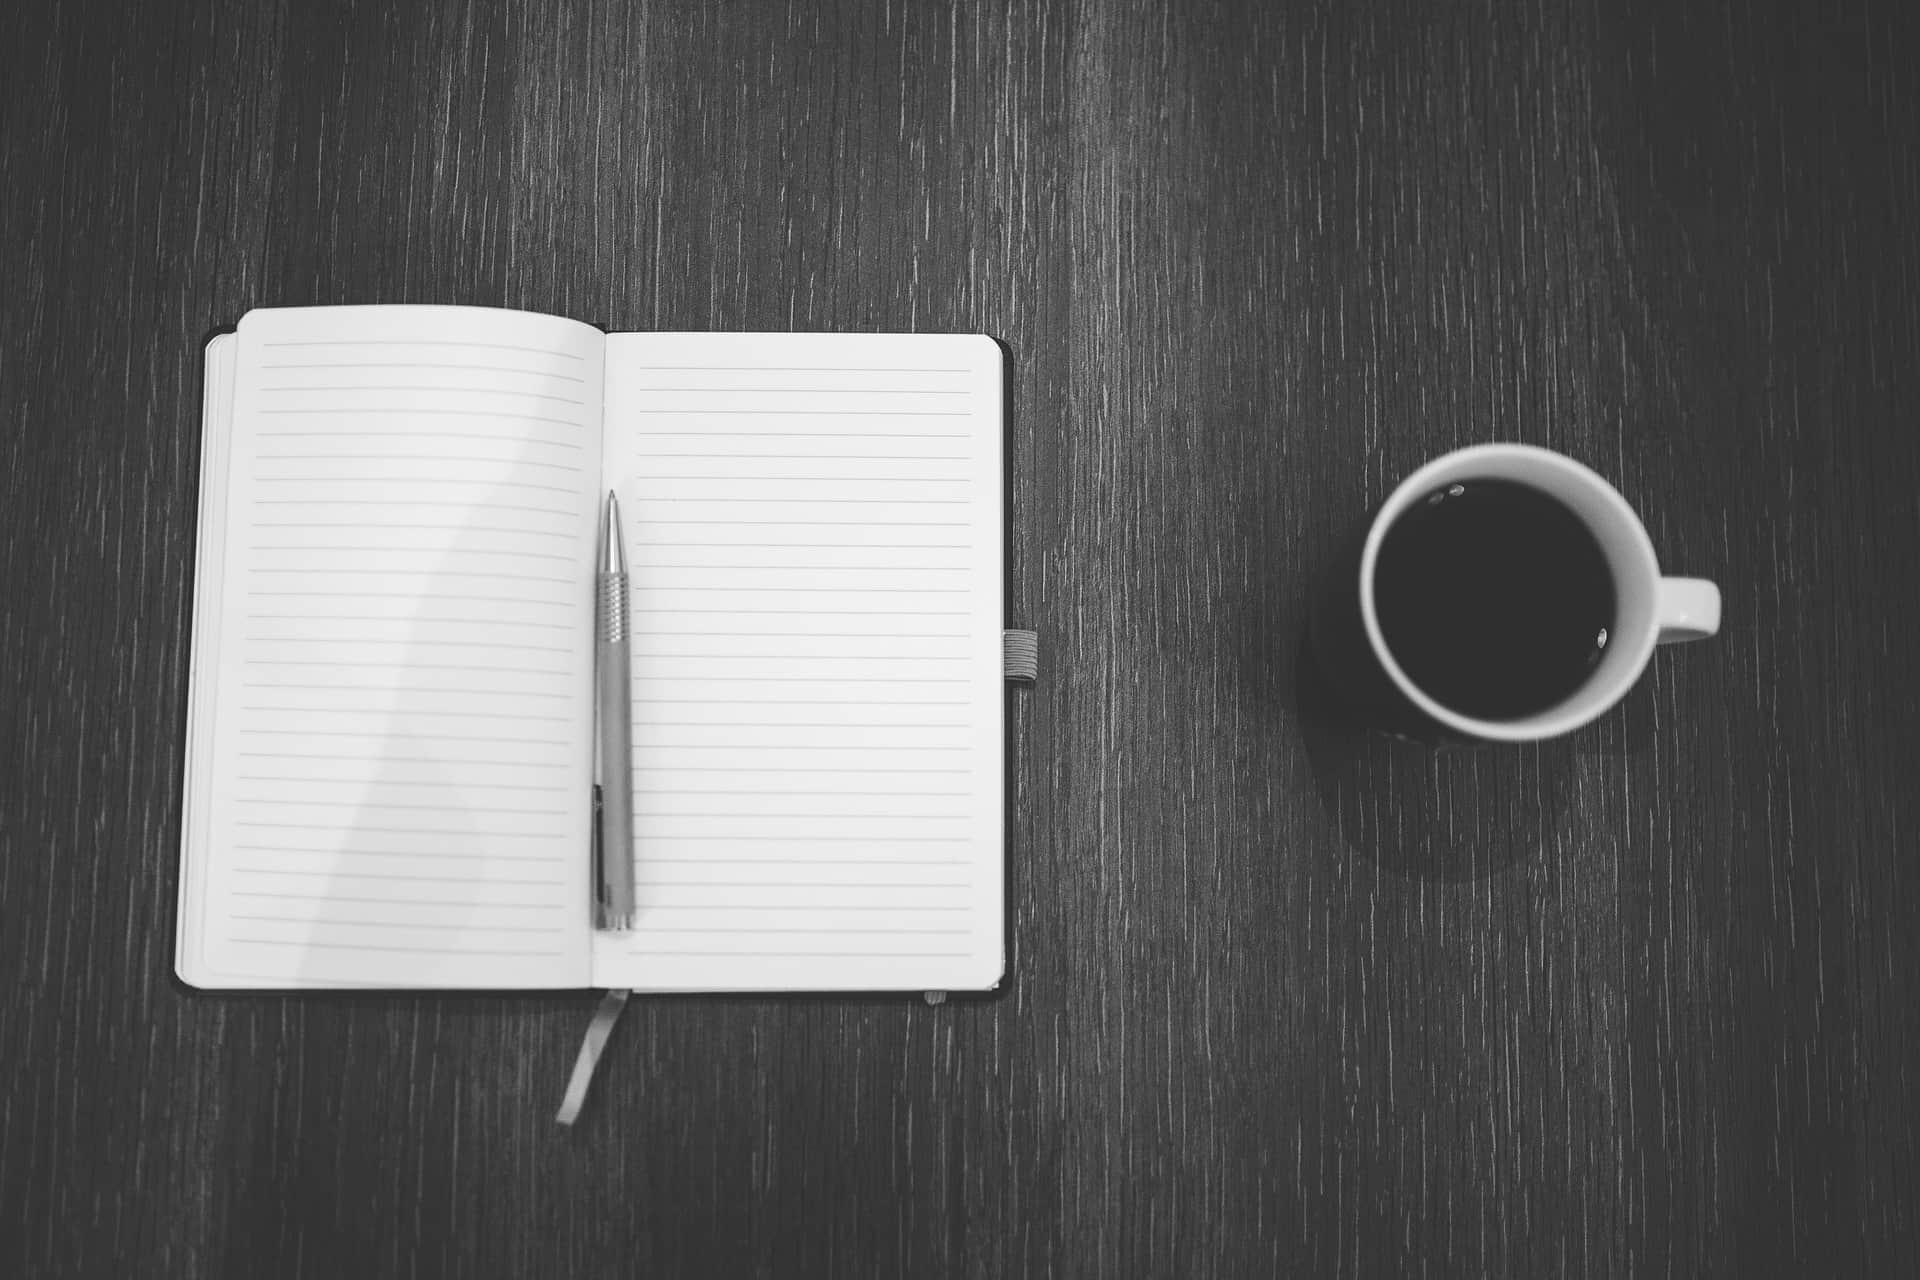 Veja 3 profissões que permitem trabalhar viajando para quem gosta de escrever